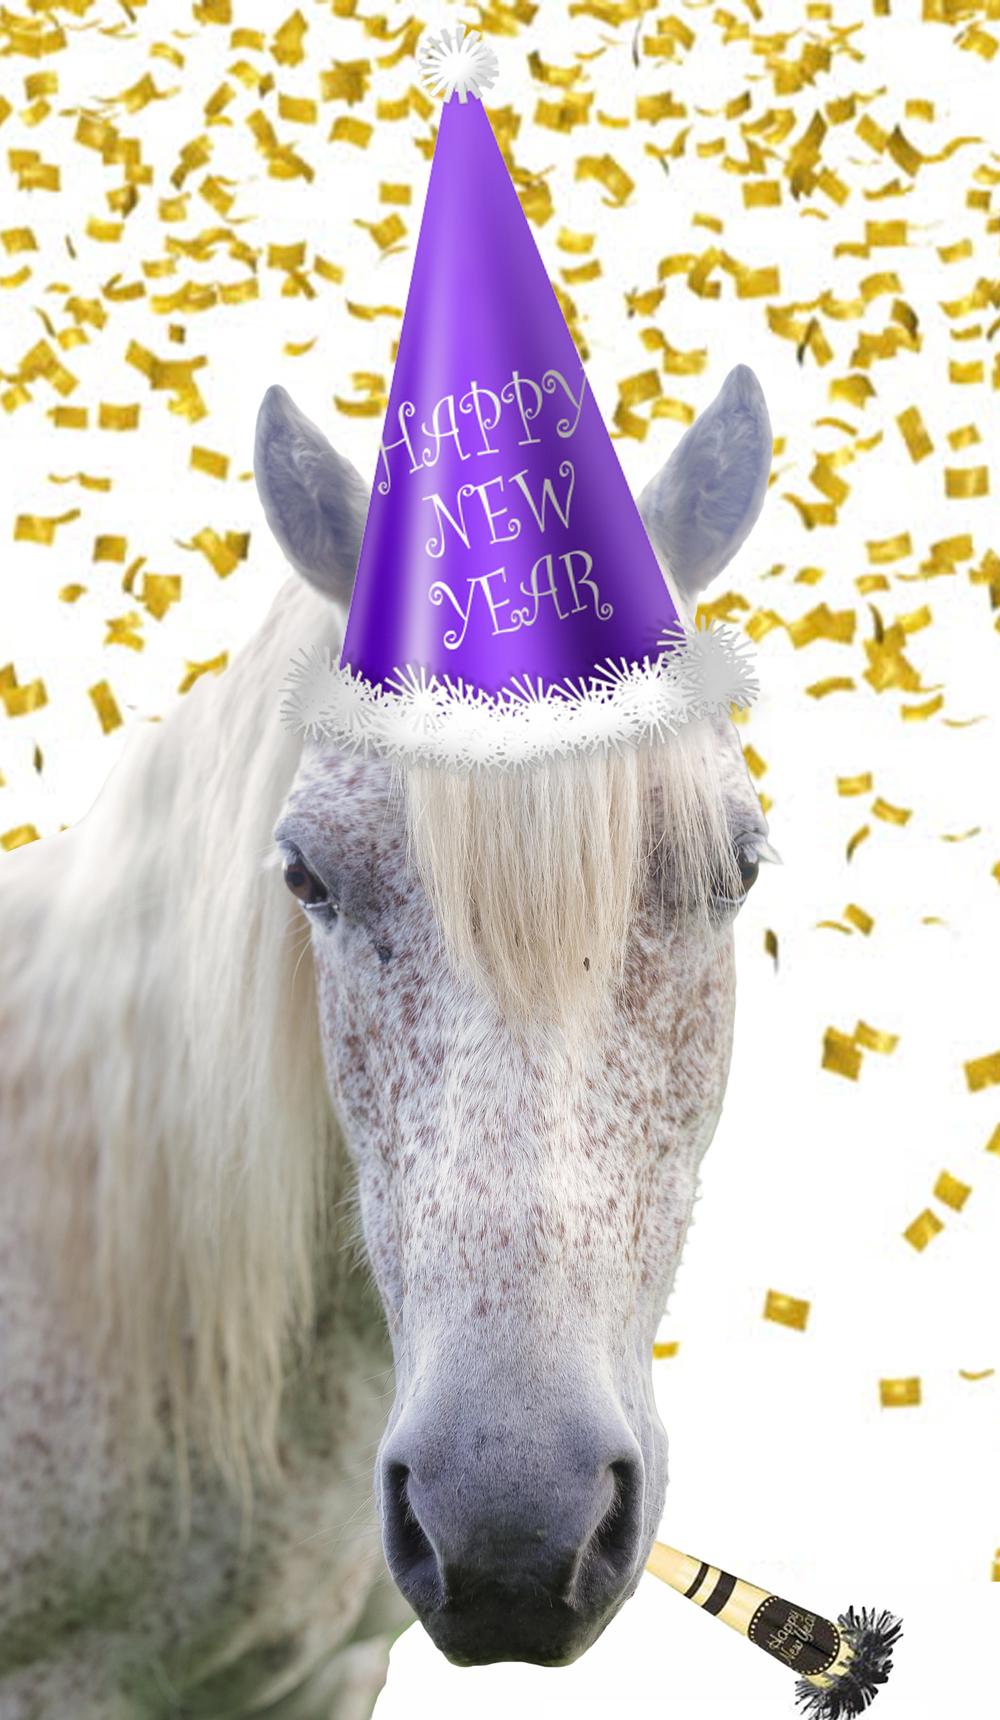 New years Horse.jpg